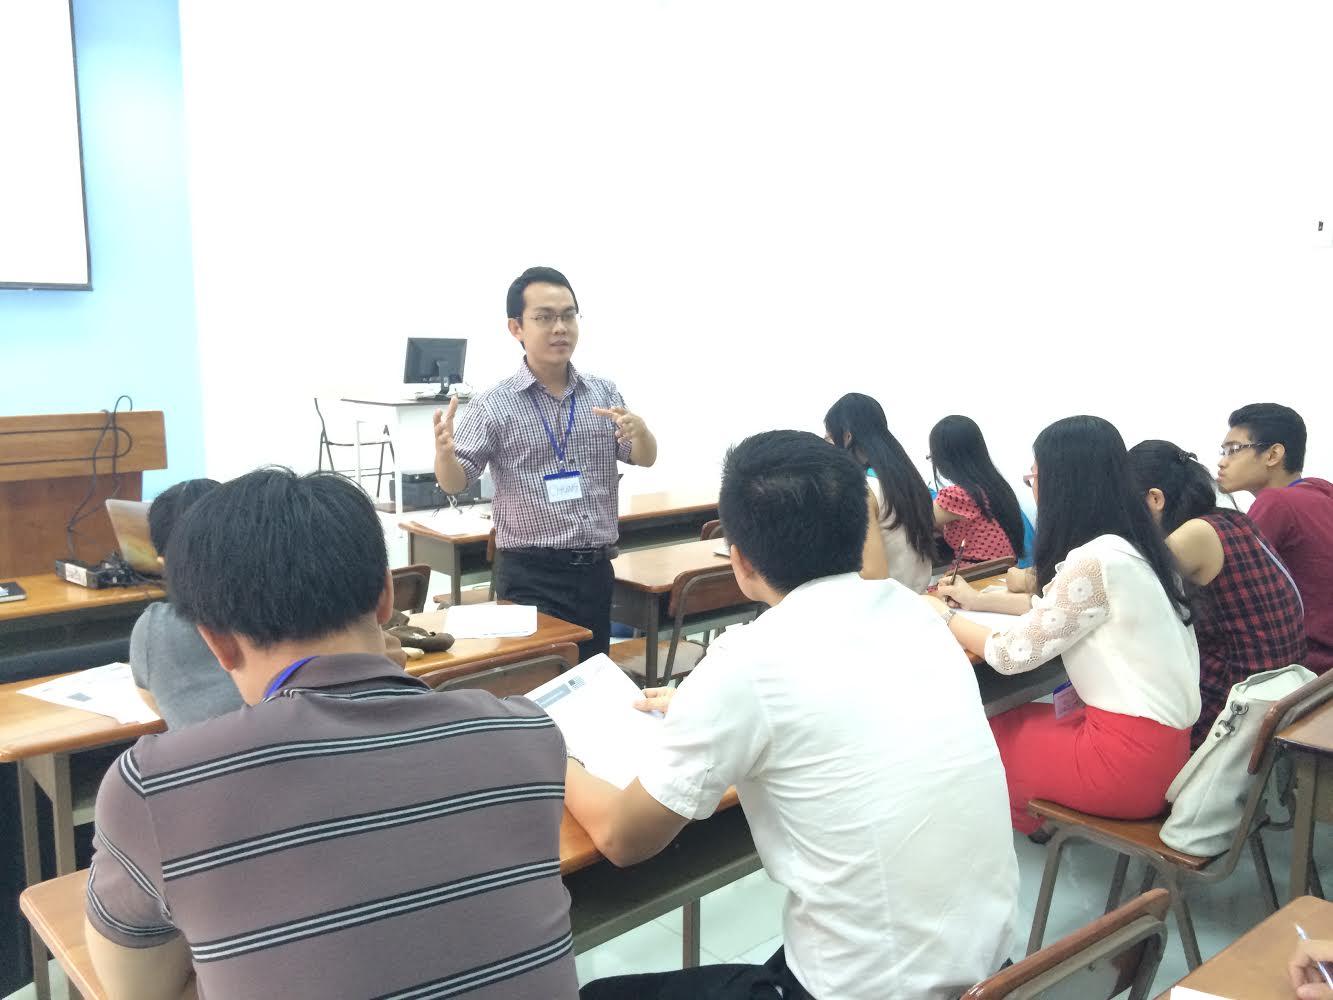 Anh Hoài Chung, chuyên gia đào tạo SAT và tư vấn săn học bổng đang trao đổi với các bạn học viên.